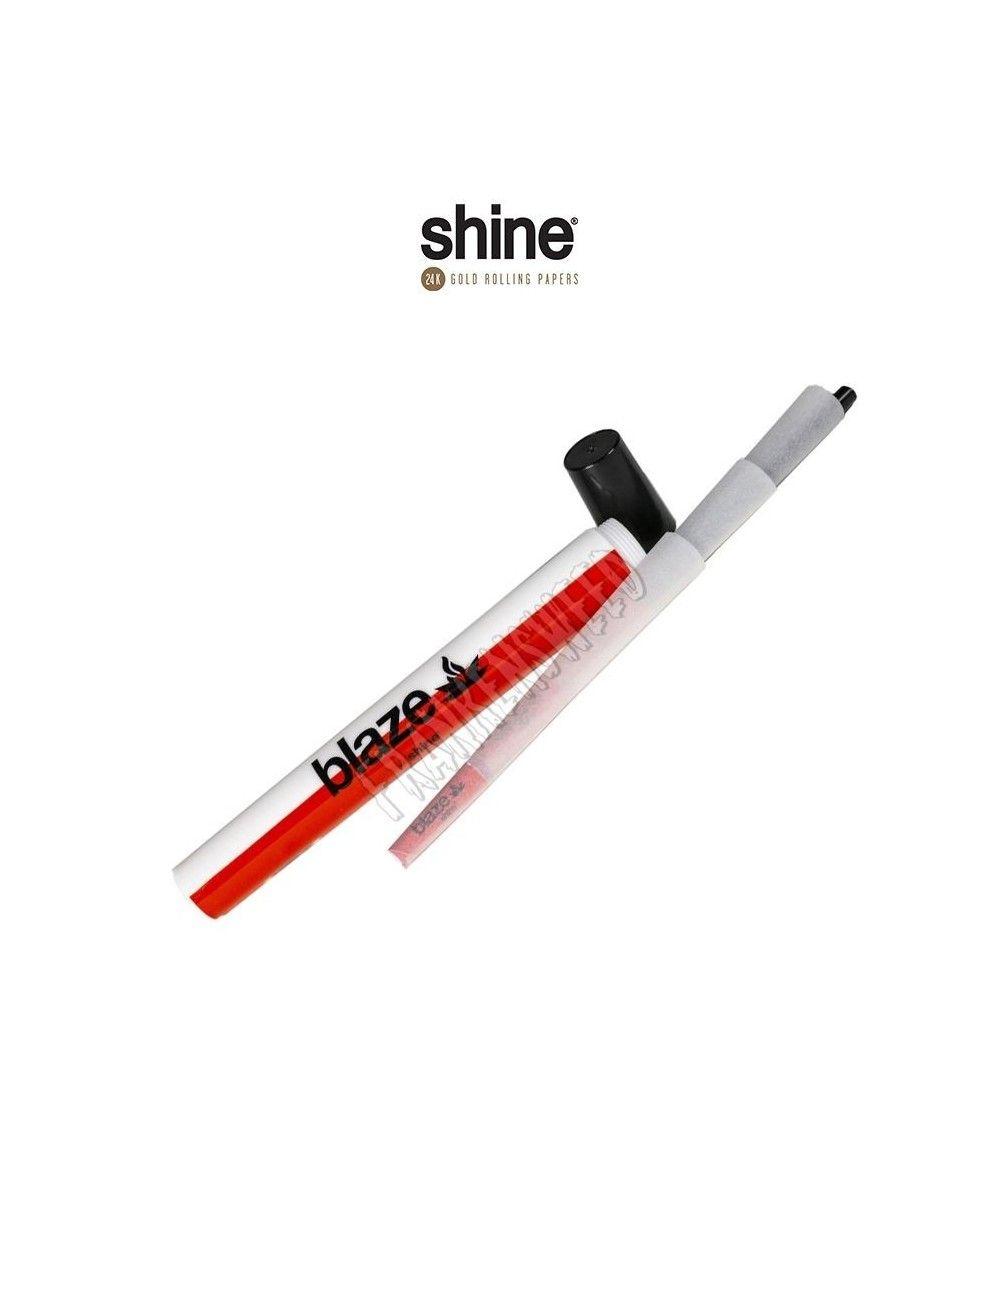 Comprar en España Blaze Hemp Cones Tube by Shine, en Frankensweed Shop